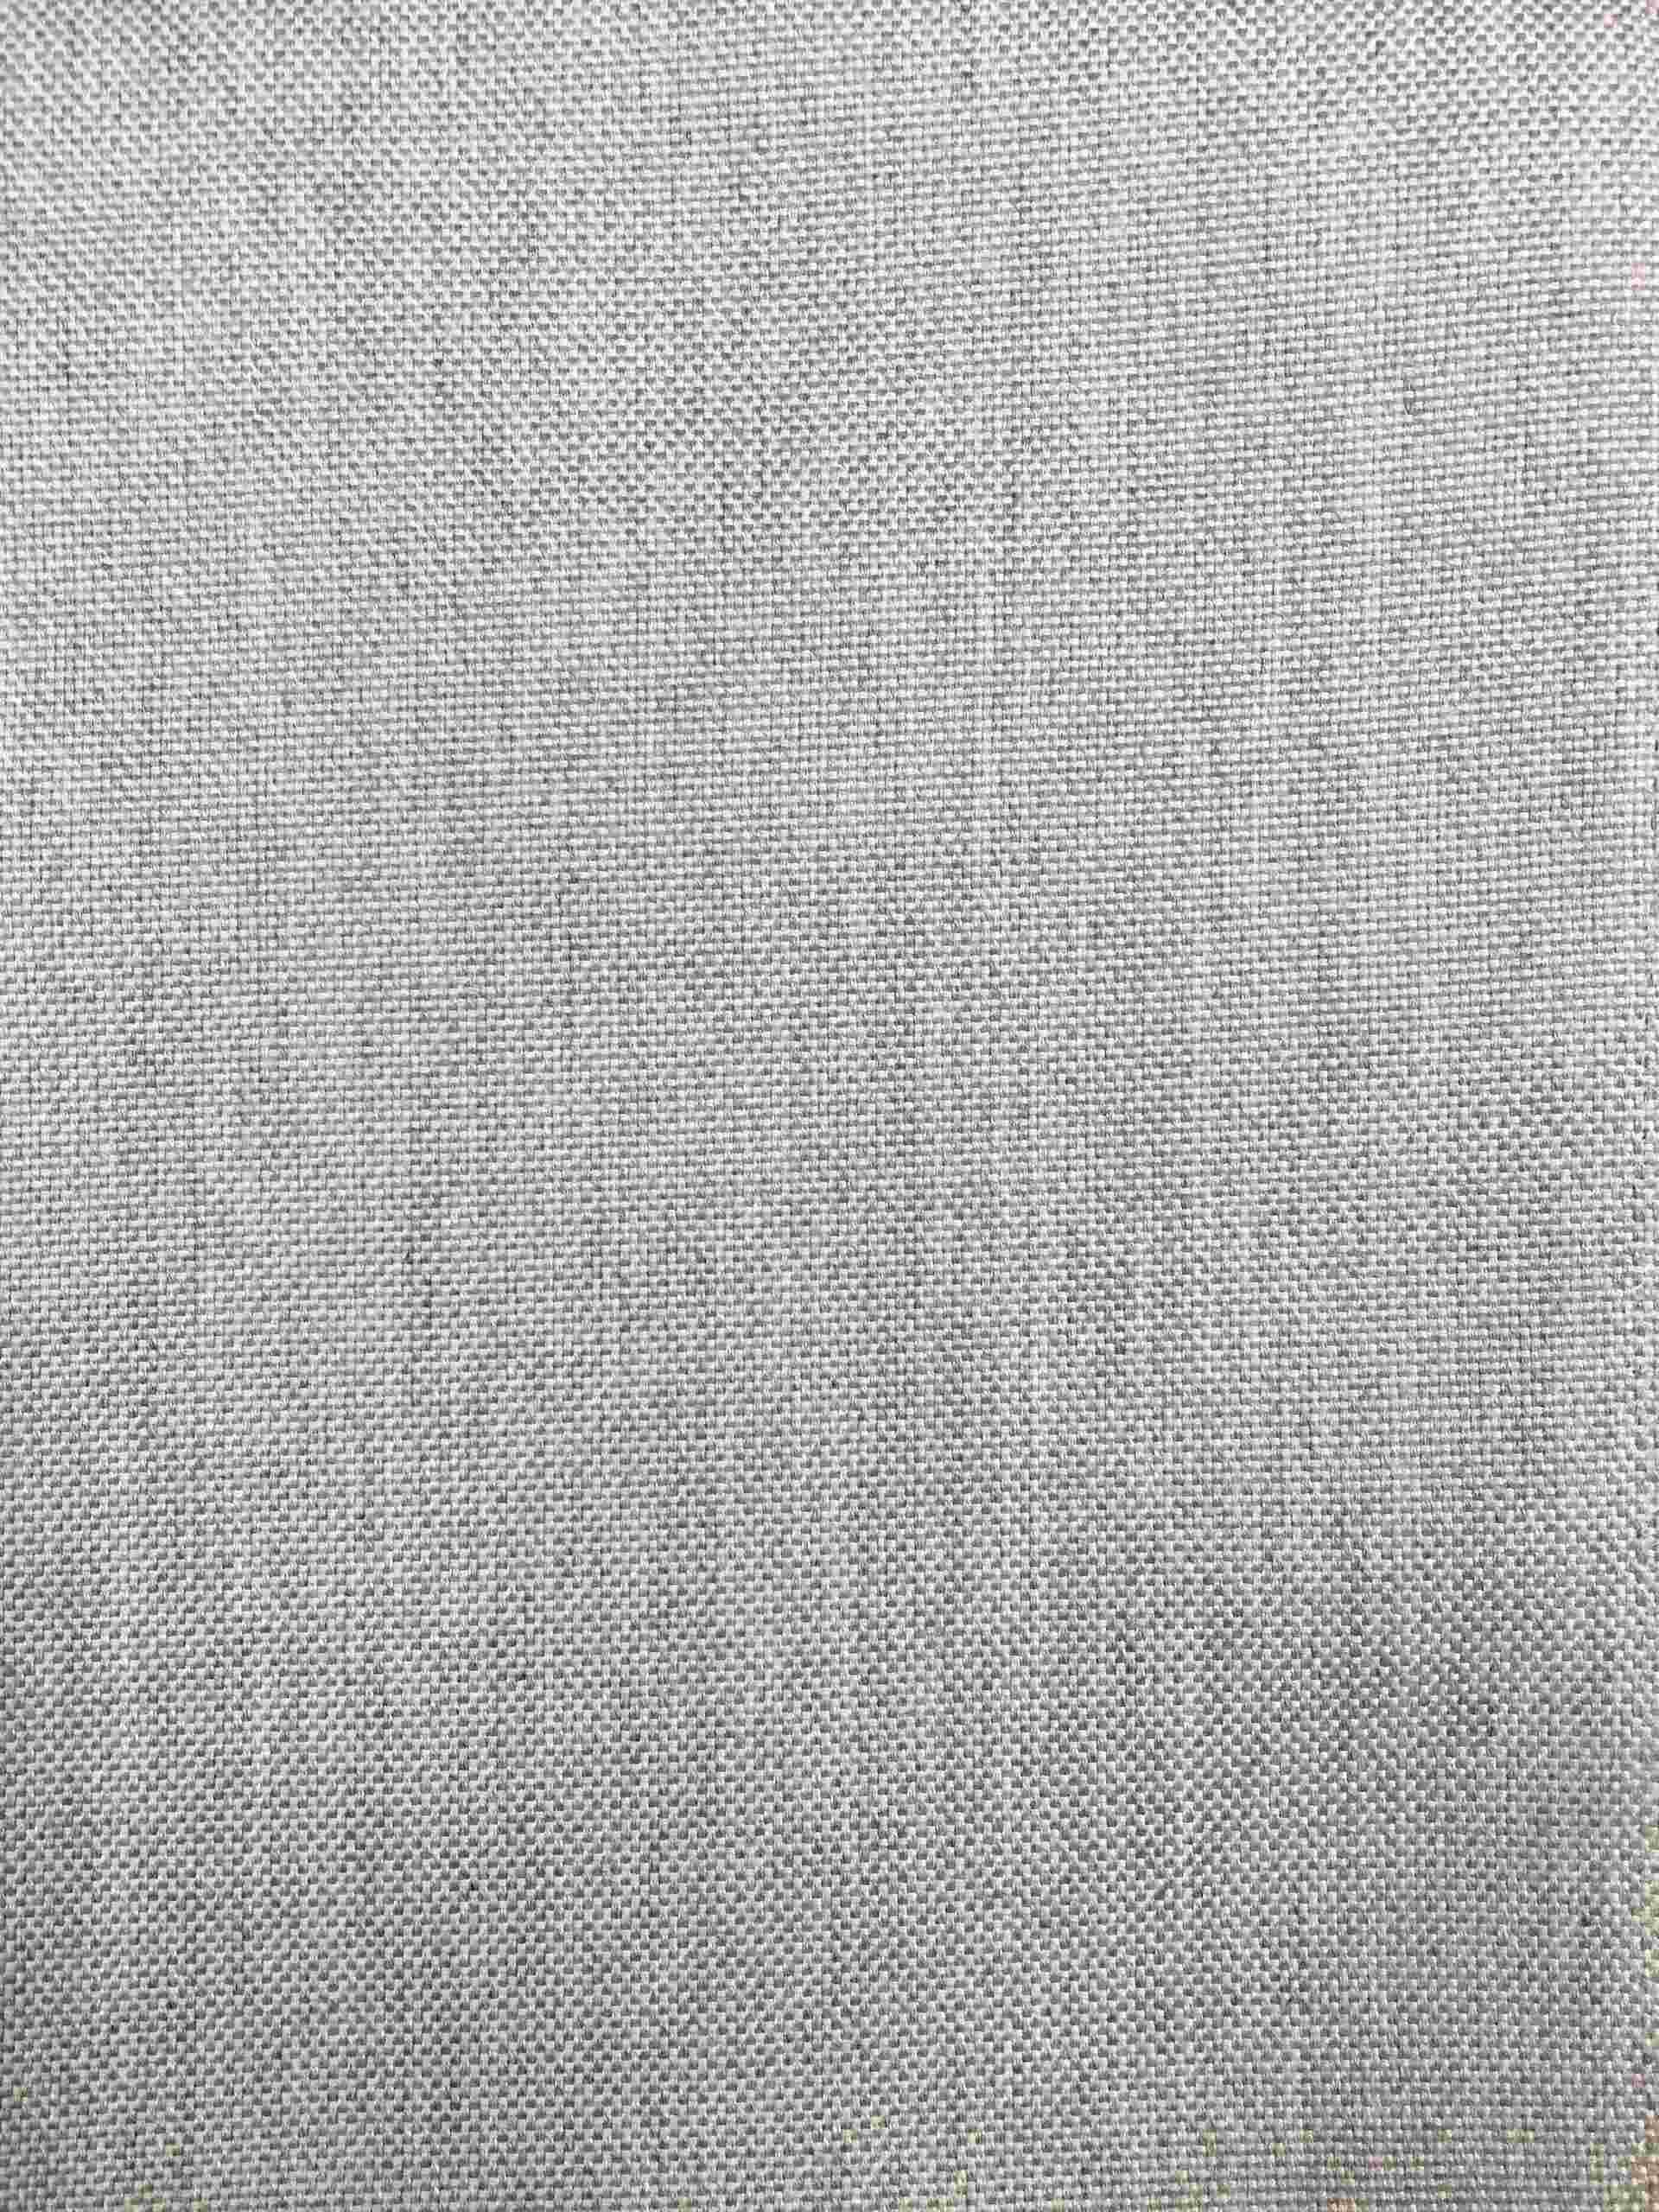 NATTÉ GREY CHINÉ 10022 KAT. 3